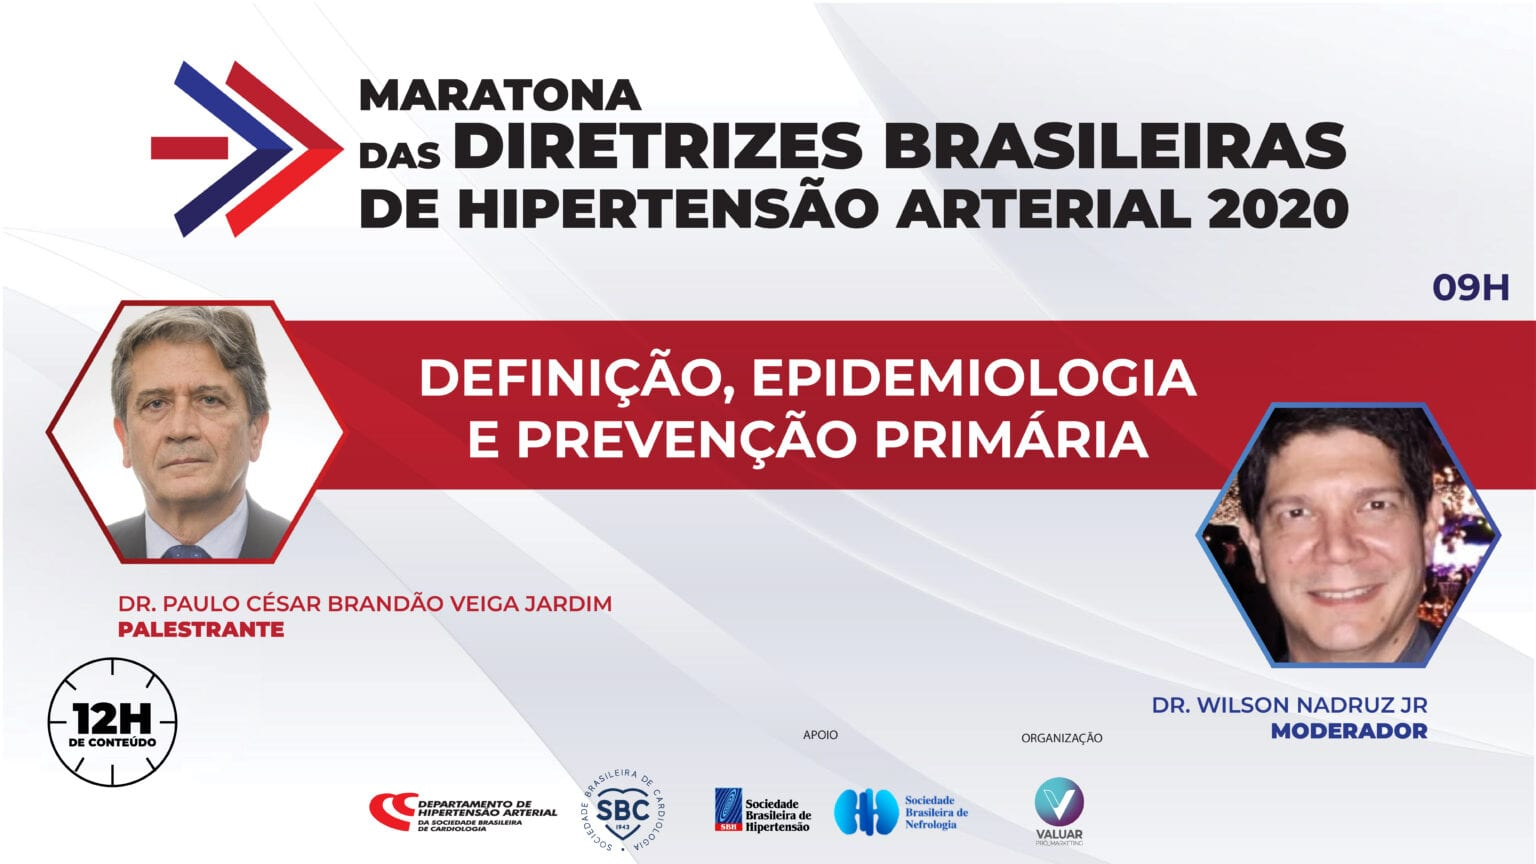 Definição, Epidemiologia e Prevenção Primária